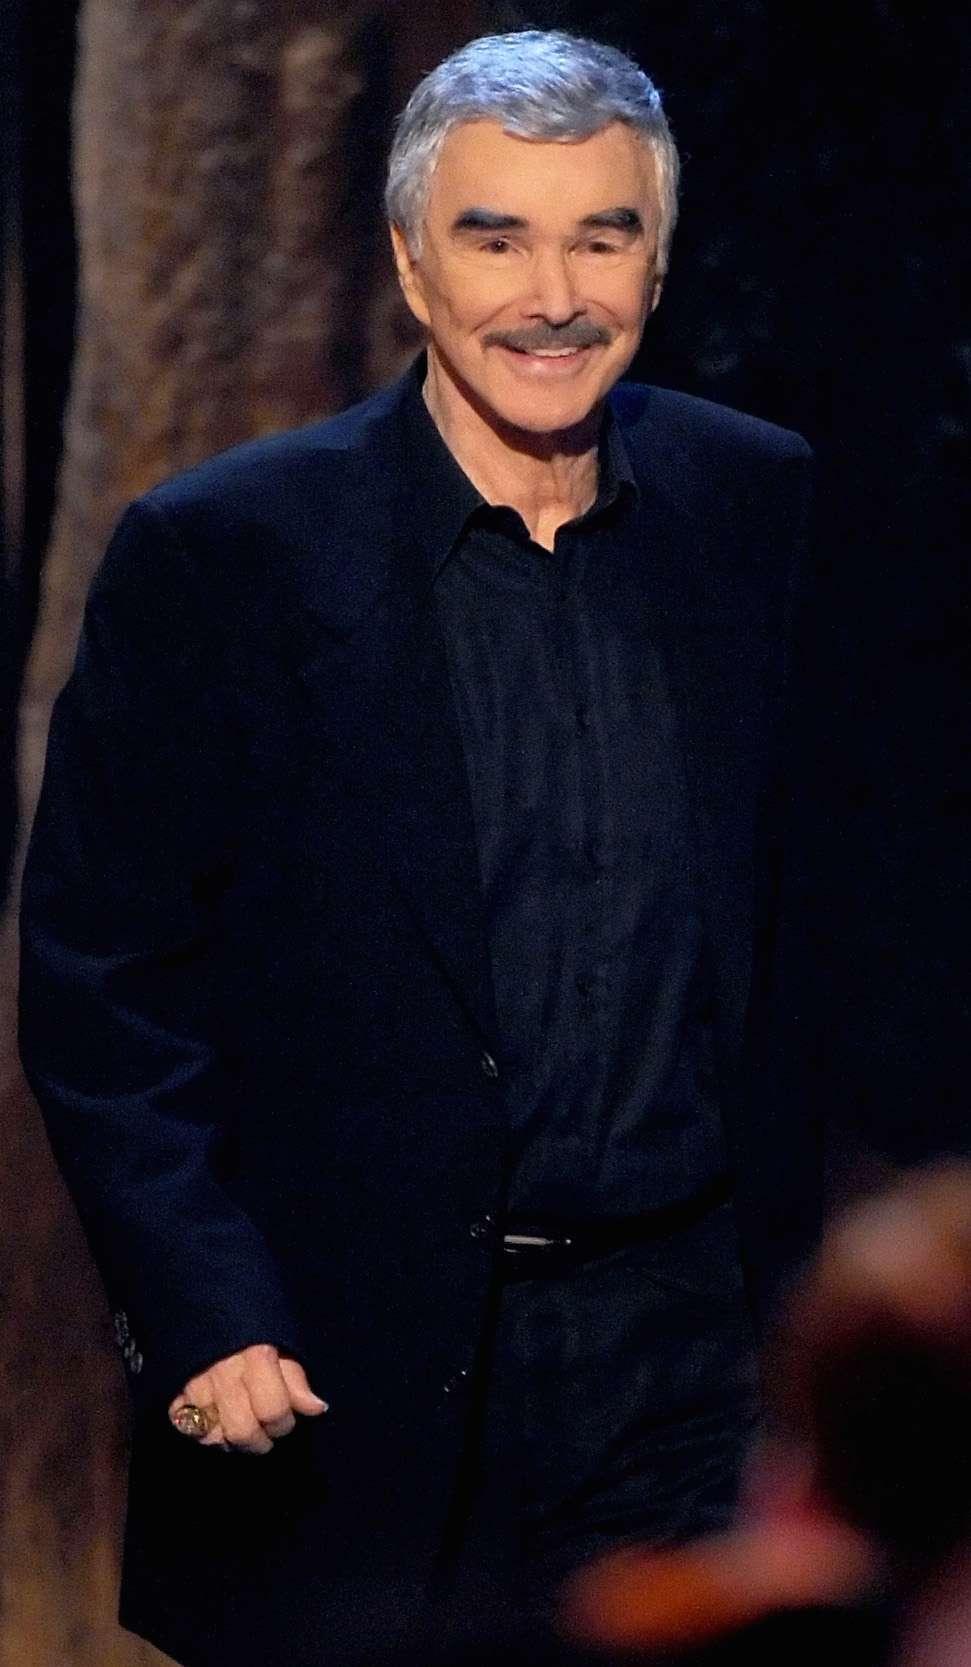 Burt Reynolds da clases de actuación en Florida, escribe un libro y actúa en pequeños papeles en distintas películas. Foto: Getty Images